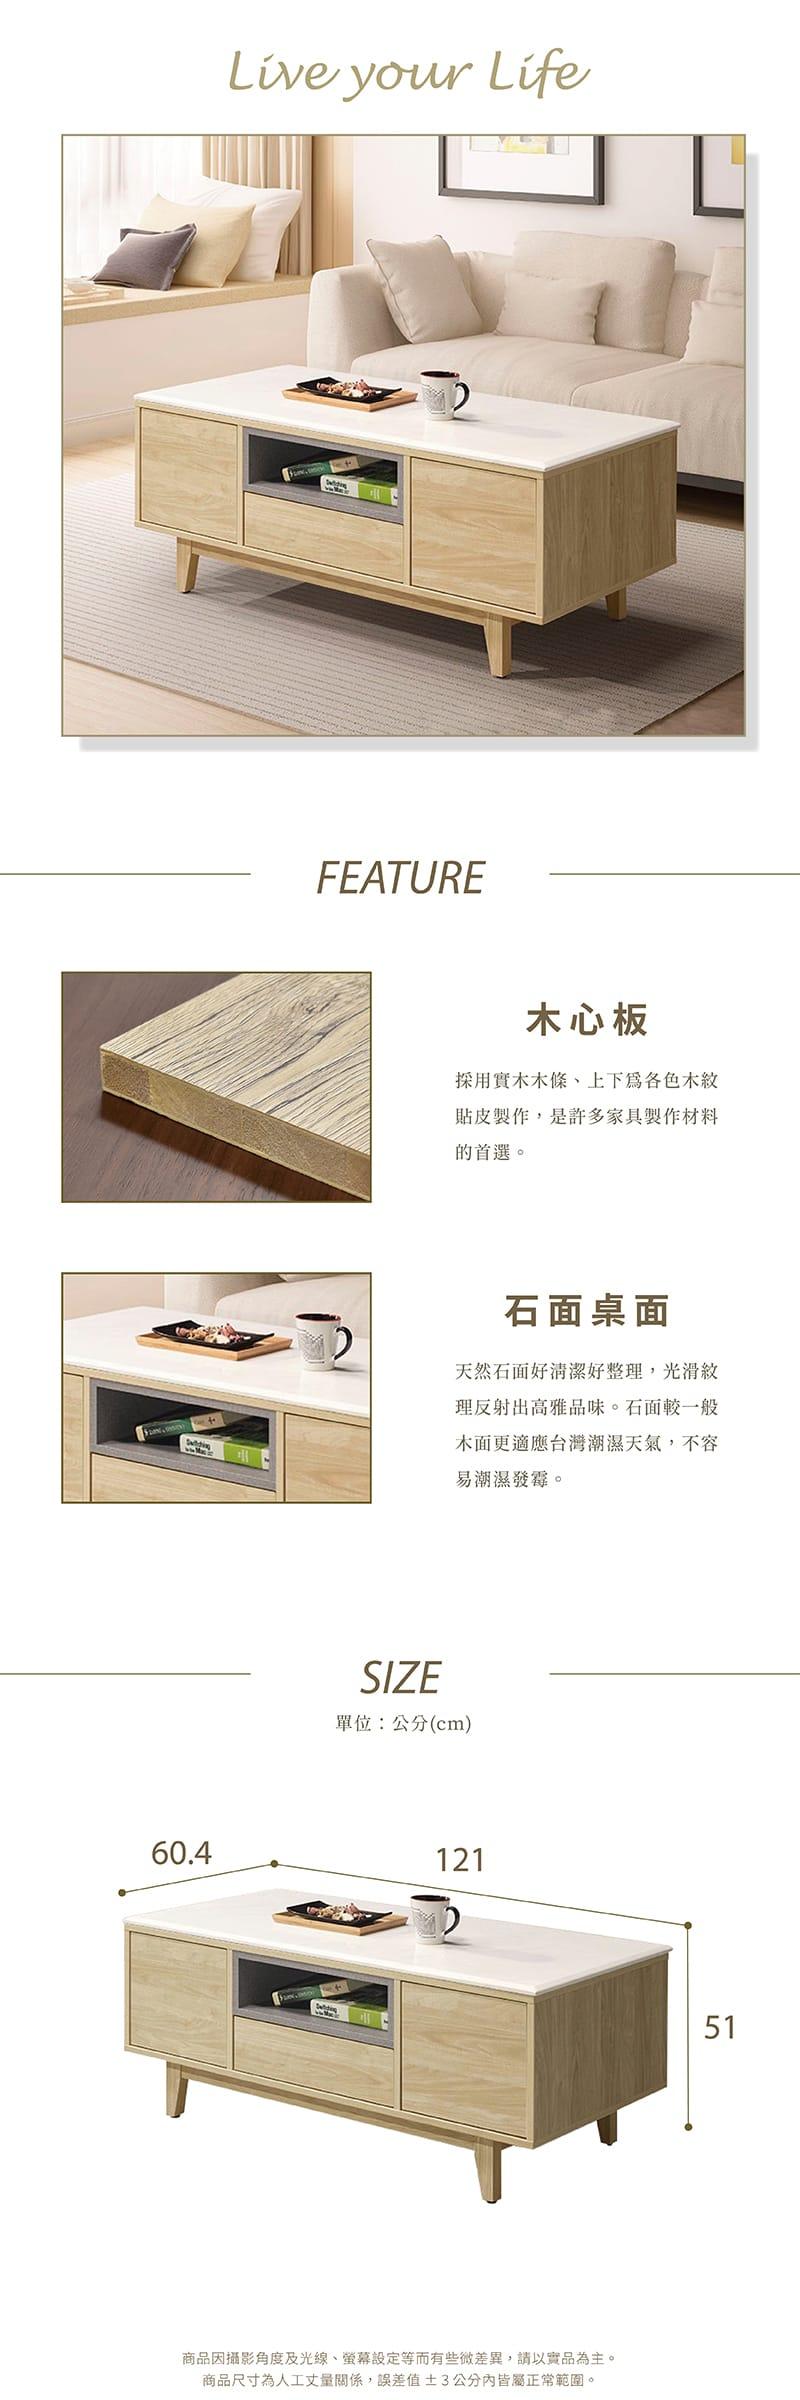 沐夏 北歐風石面收納茶几 寬121cm(客廳桌系列)